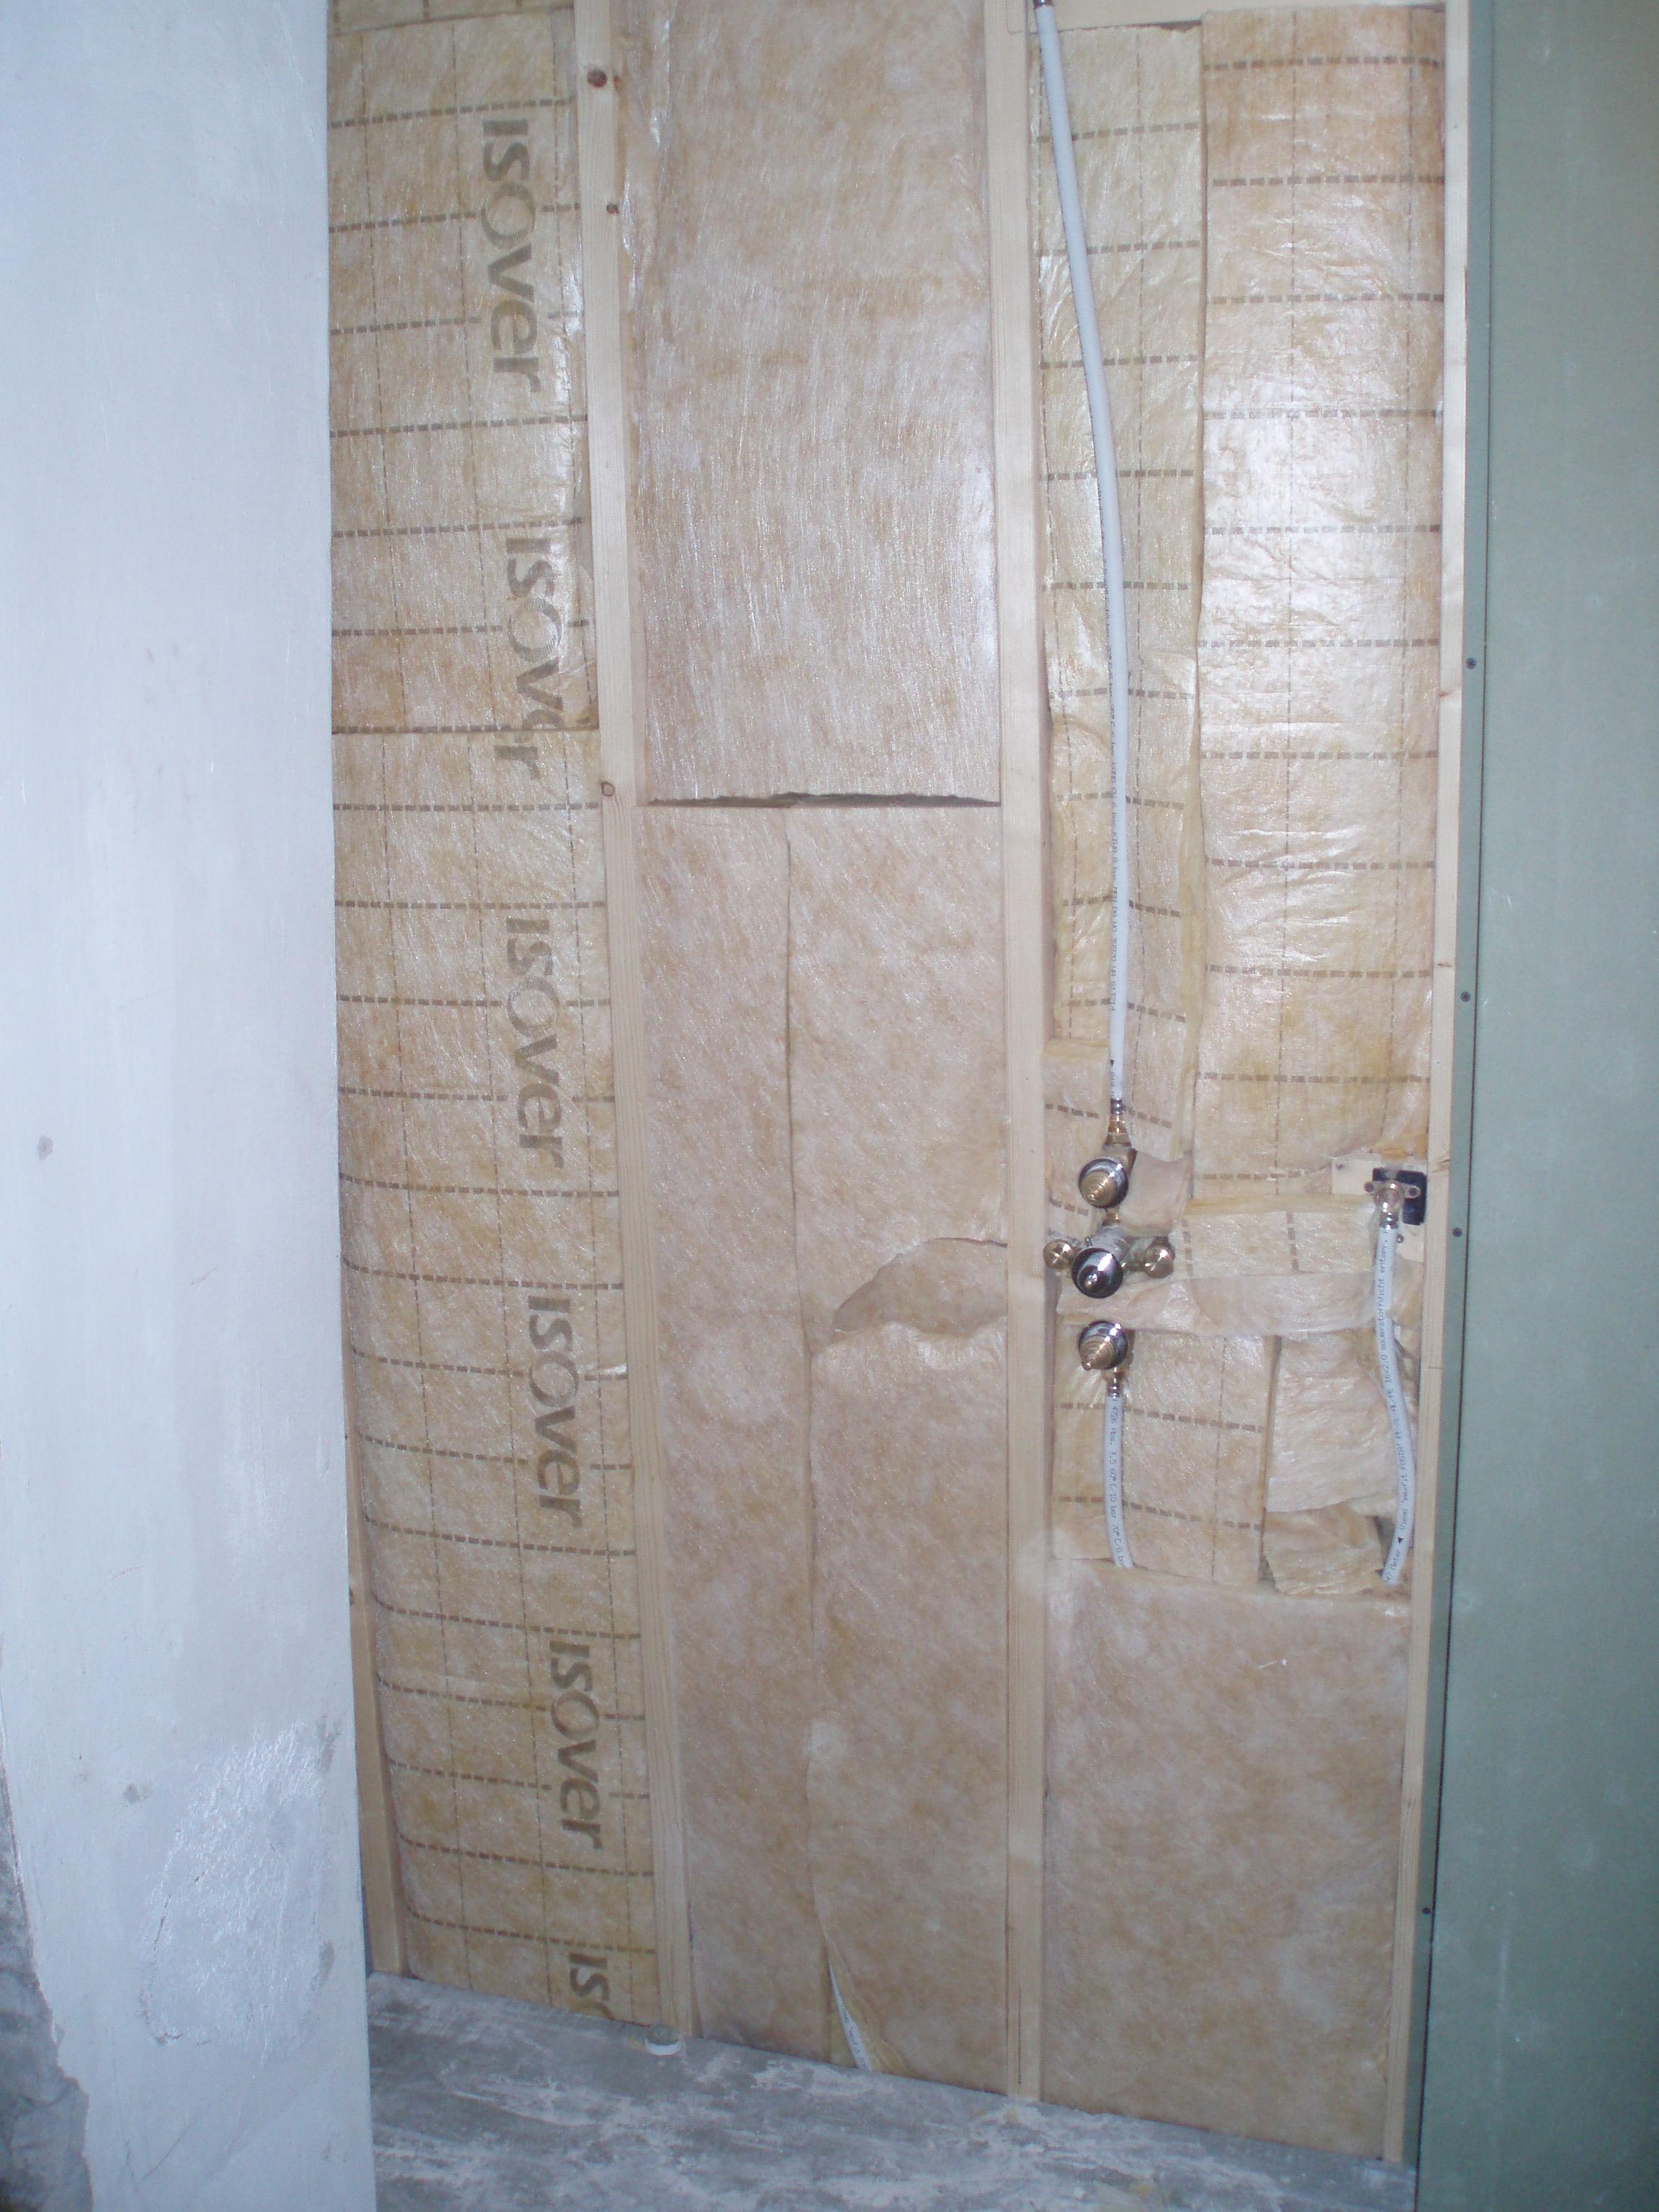 voorbereiding voor badkamer met inloopdouche en wastafel van